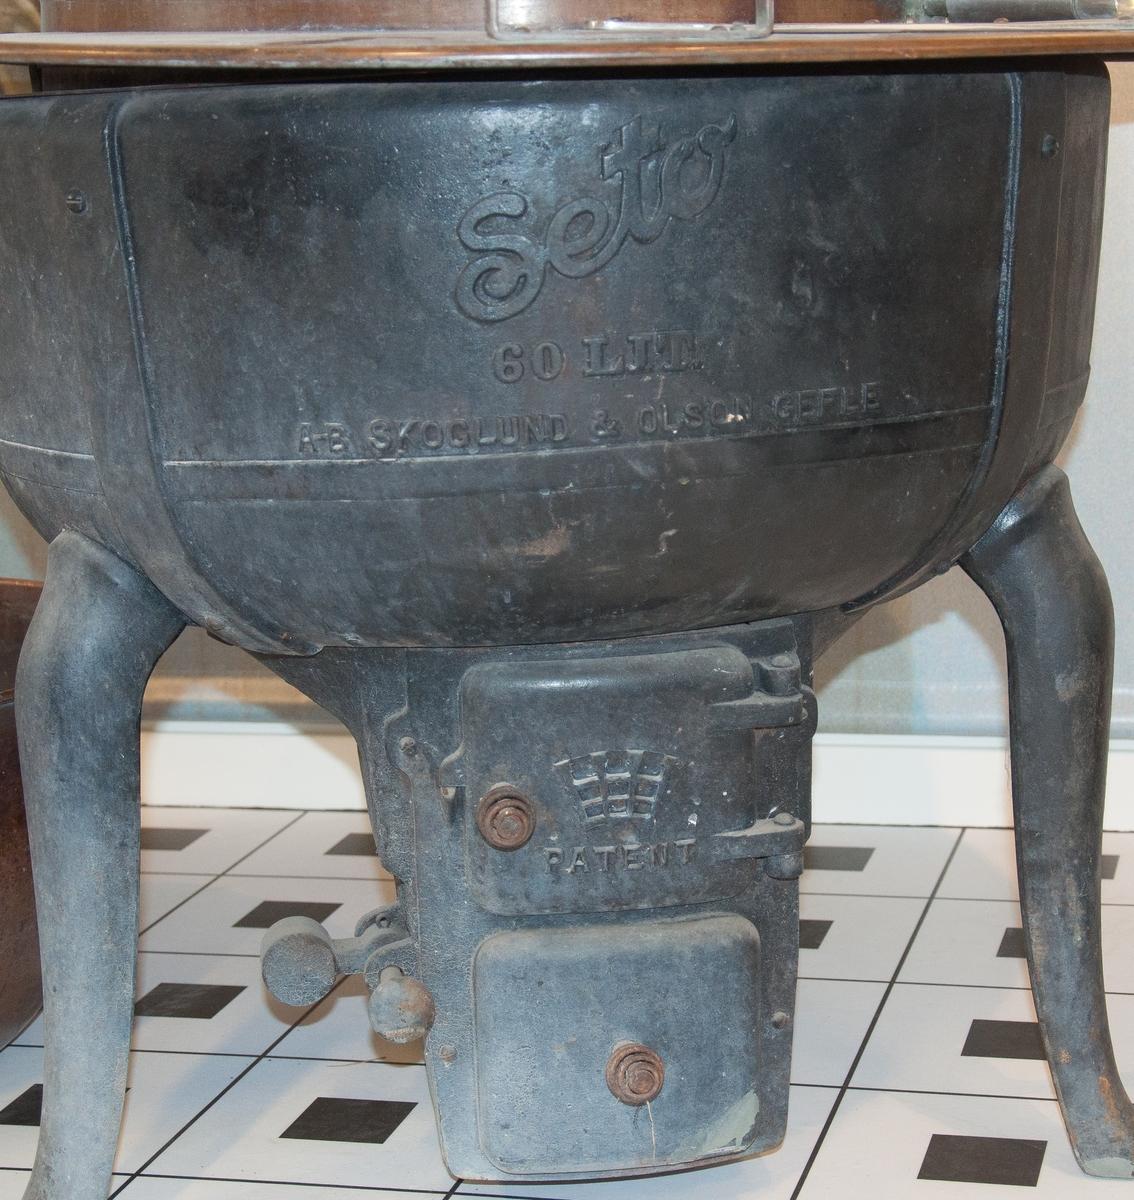 Tvättapparat av gjutjärn med kula av koppar och kupat lock av järn.  Underdelen med eldstad står på tre ben.   Kopparkulan, som är dimensionerad för att nedsänkas i grytan, är perforerad med hål, delbar med gångjärn och roteras med vev.